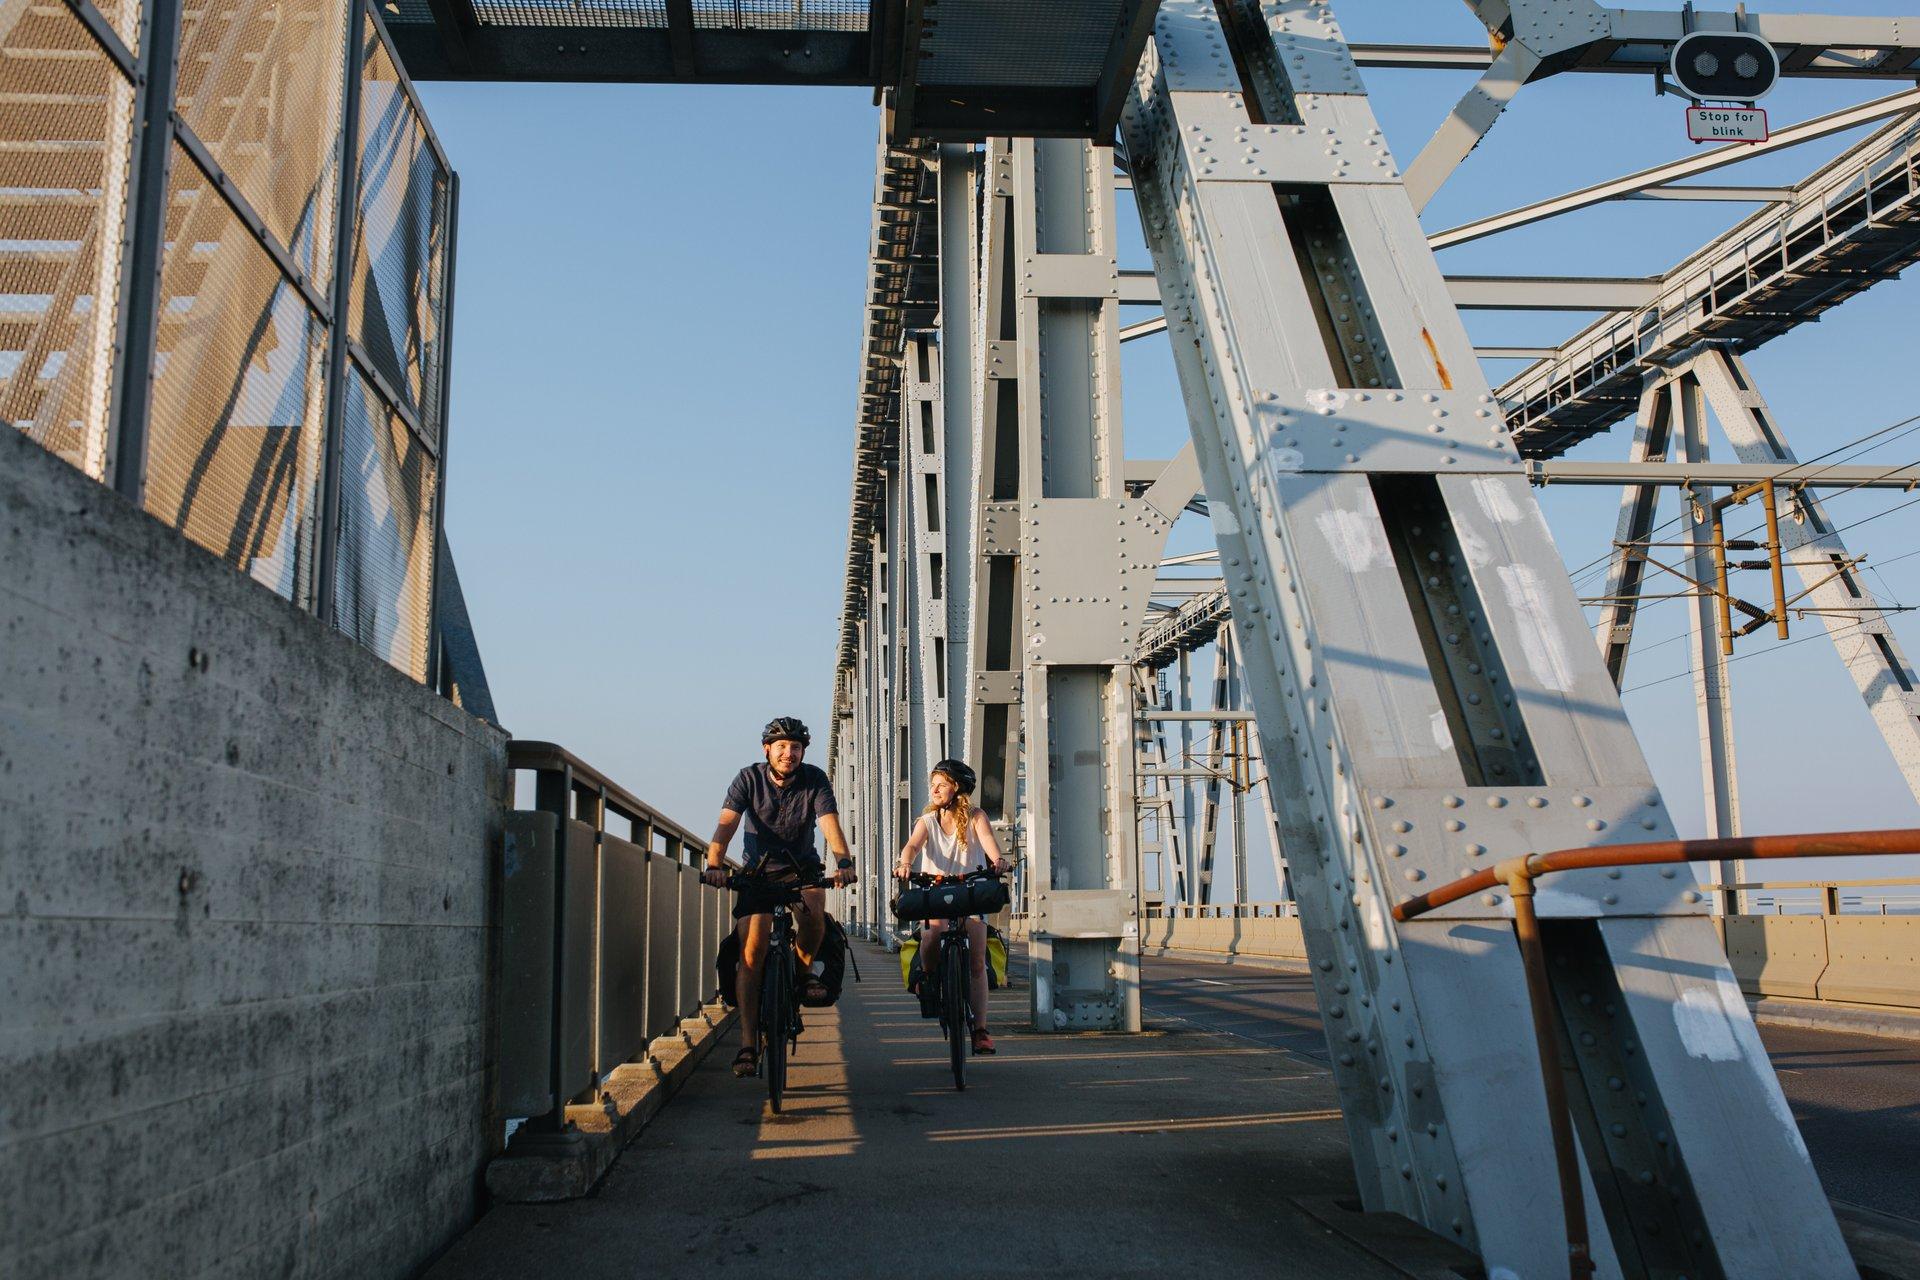 Cykelture på for eksempel Den gamle Lillebæltsbro kan være del i de aktiviteter det nye rejsebureau HR-Travel kan tilbyde. Pressefoto via VisitDenmark: Michael Fiukowski og Sarah Moritz.